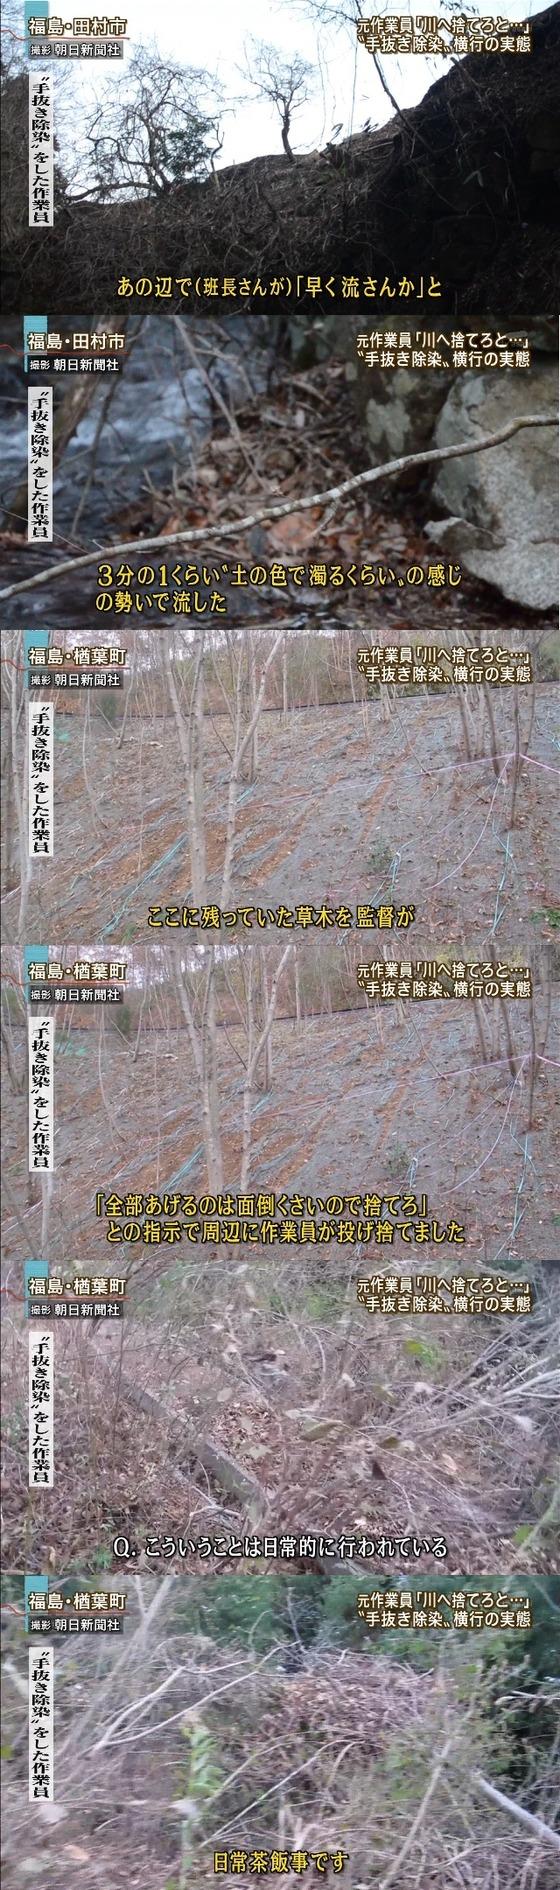 """川に直接投棄 """"手抜き除染""""次々と 報道ステーション2"""